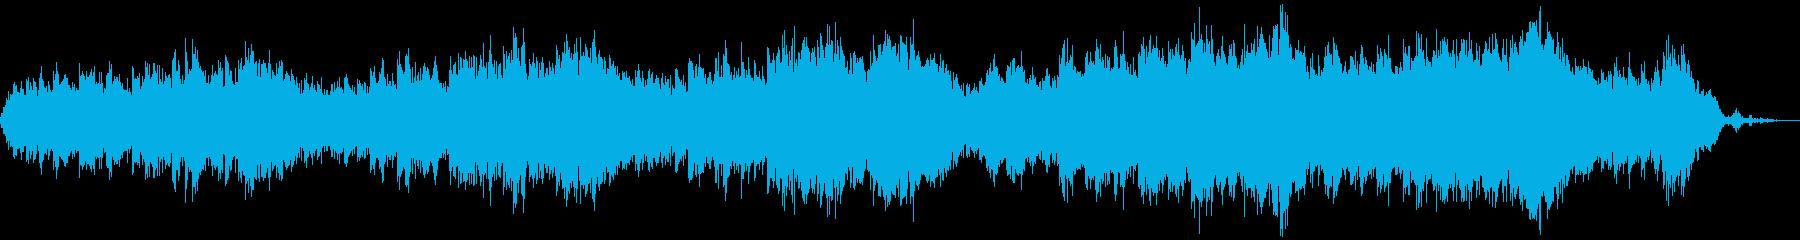 水の音と優しい歌詞のバラードの再生済みの波形